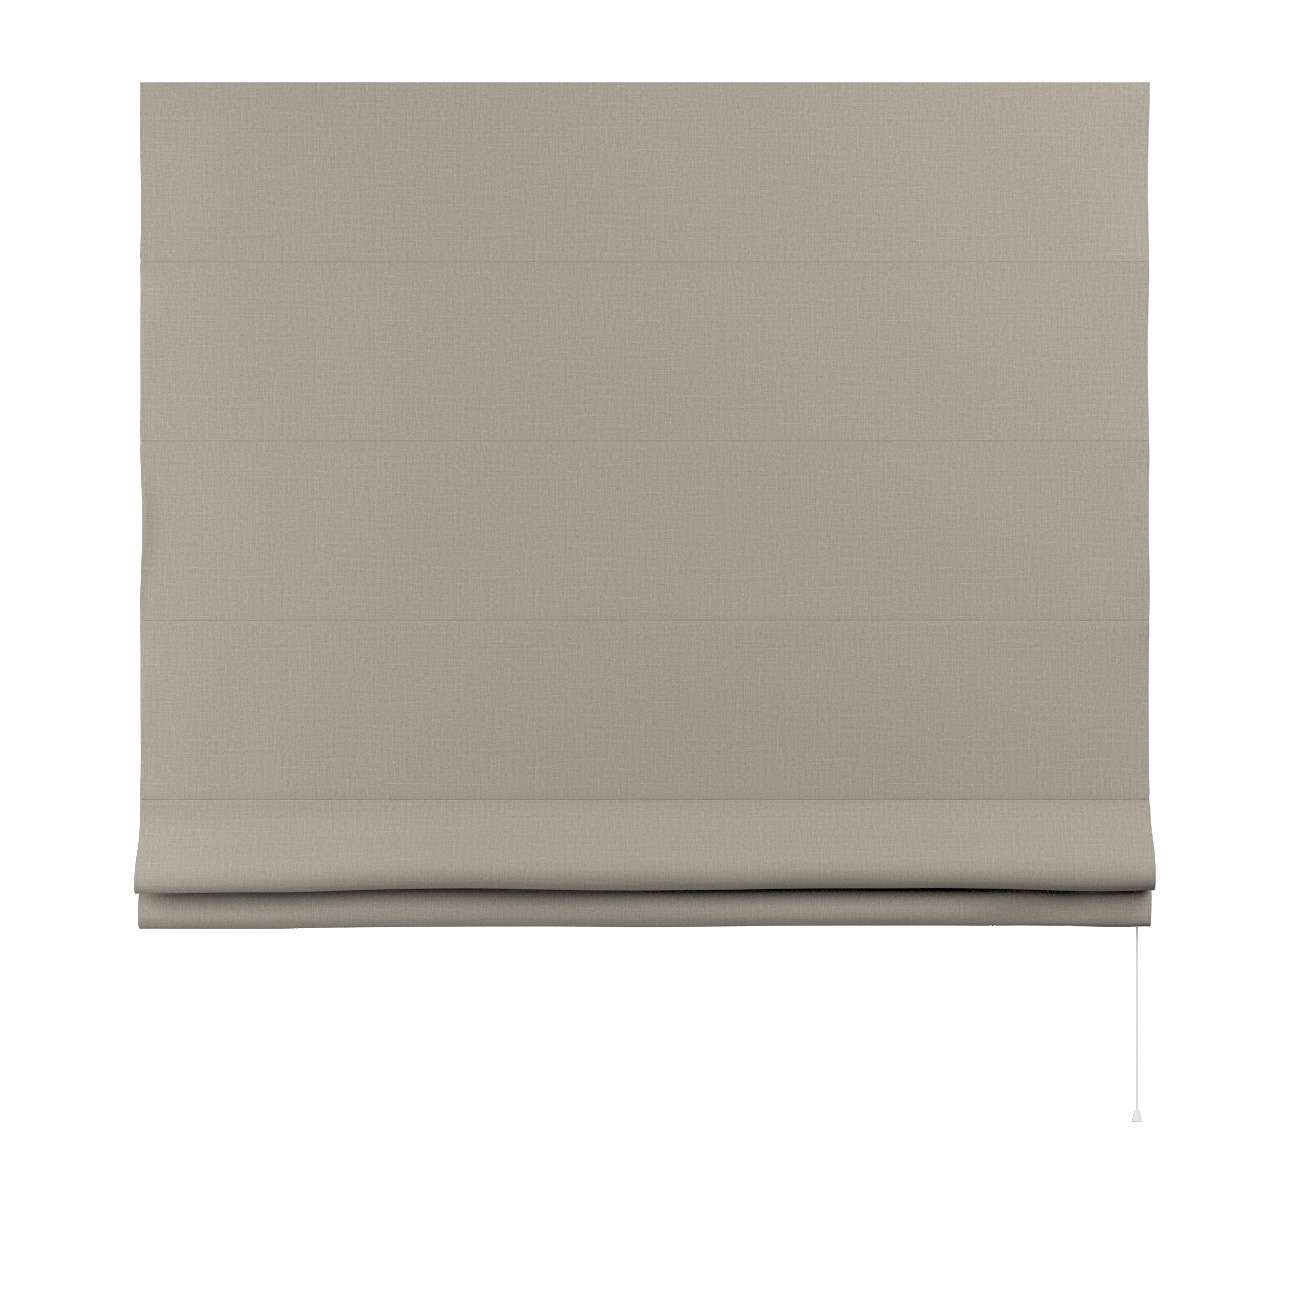 Raffrollo Capri von der Kollektion Blackout 280 cm, Stoff: 269-11